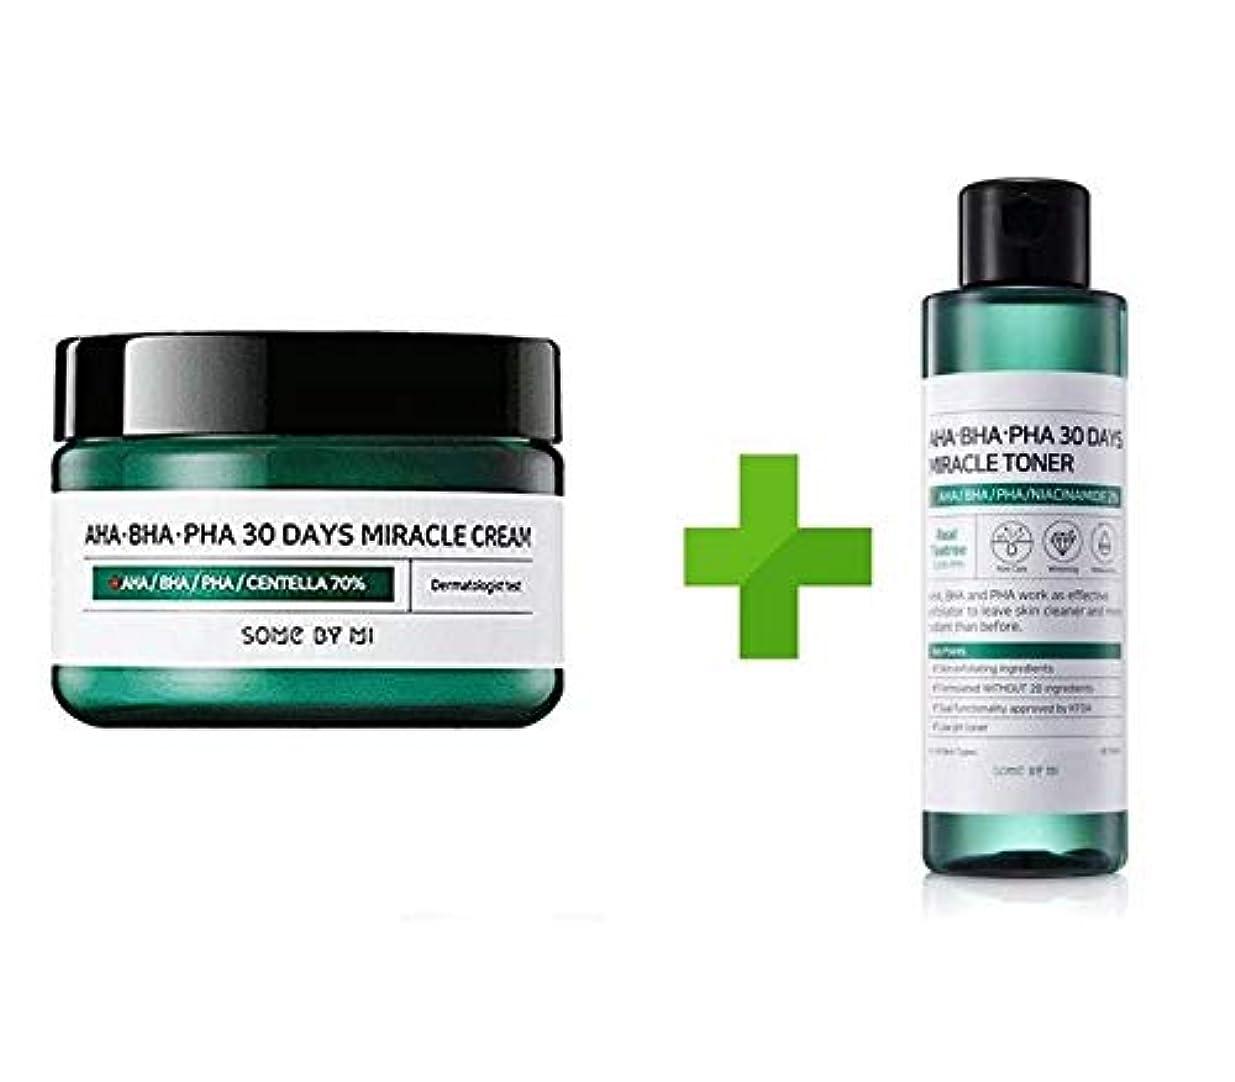 散逸広告する好意Somebymi AHA BHA PHA Miracle Cream (50ml + Toner 150ml)Skin Barrier & Recovery, Soothing with Tea Tree 10,000ppm for Wrinkle & Whitening/Korea Cosmetics [並行輸入品]